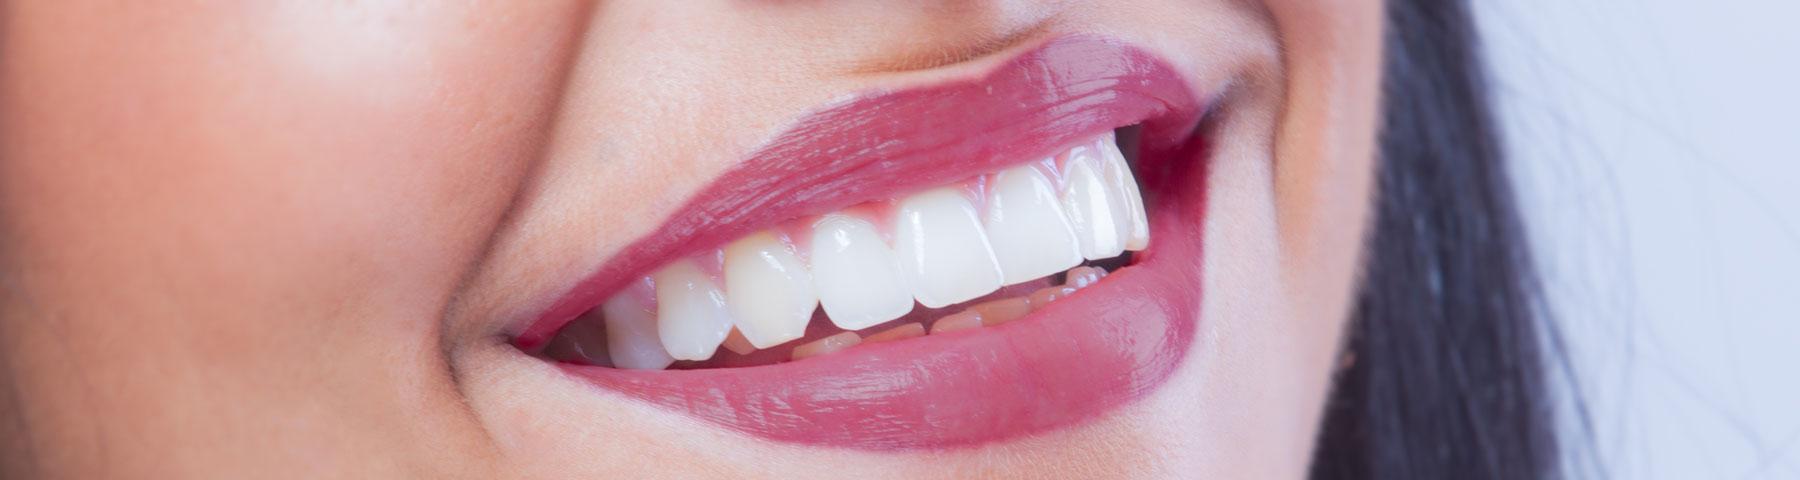 Η οδοντιατρική του 2020